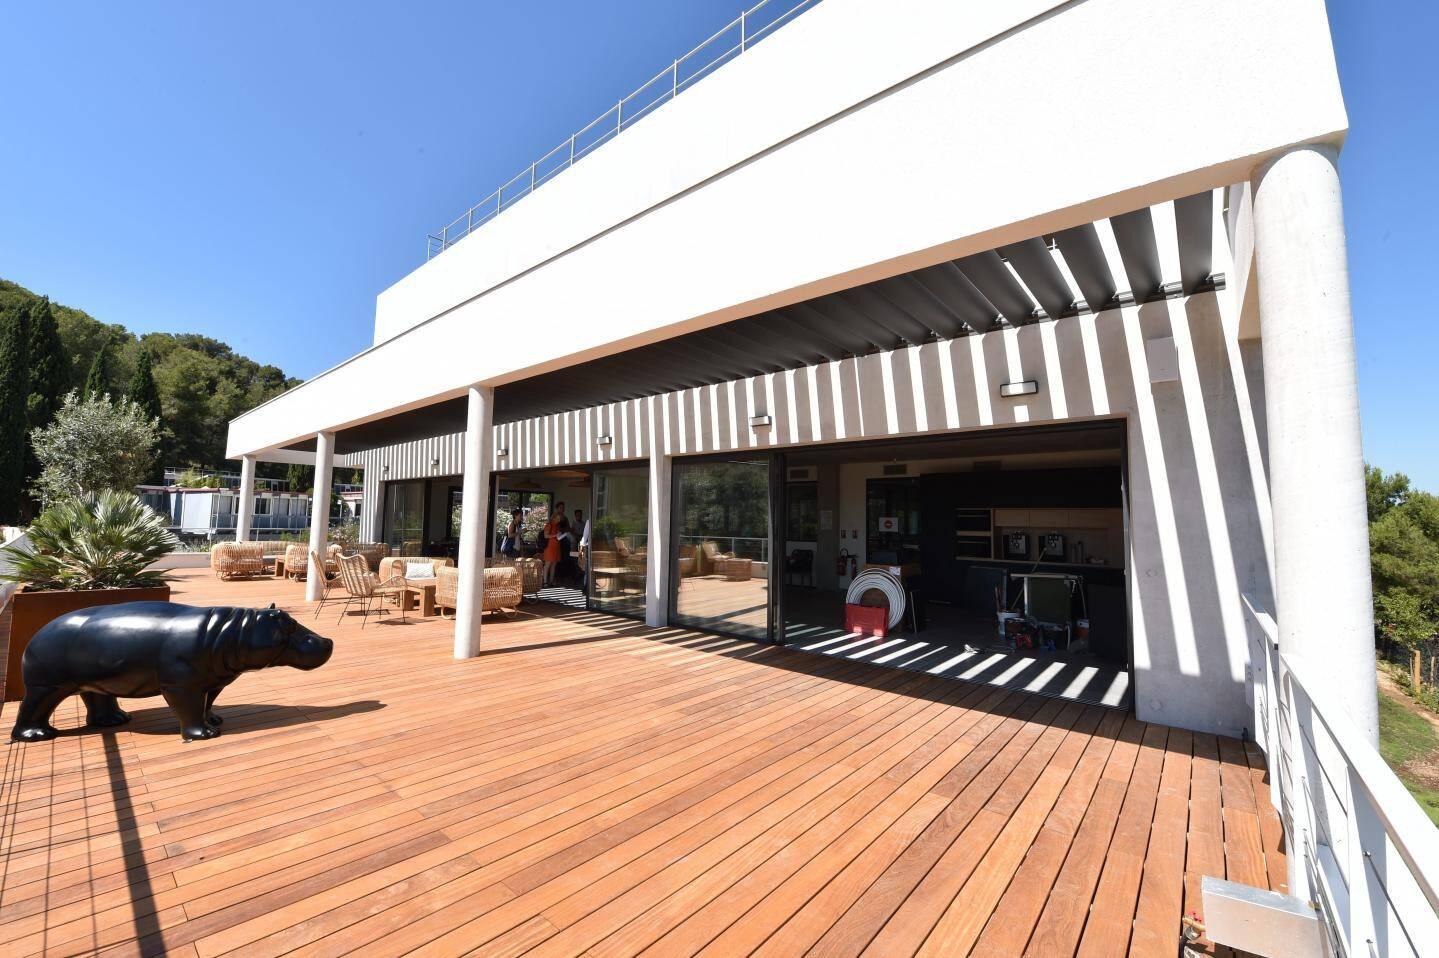 La Boîte Immo a déjà réalisé les sites de plus de 5.200 agences et compte 10.500 clients. A Hyères, son siège social, les collaborateurs profitent désormais de locaux neufs, imaginés comme une spacieuse villa, lumineuse, dans une ambiance paillote. La Pinède, c'est son nom, compte aussi une salle de sport et une salle de restauration avec sa terrasse et vue sur la mer.